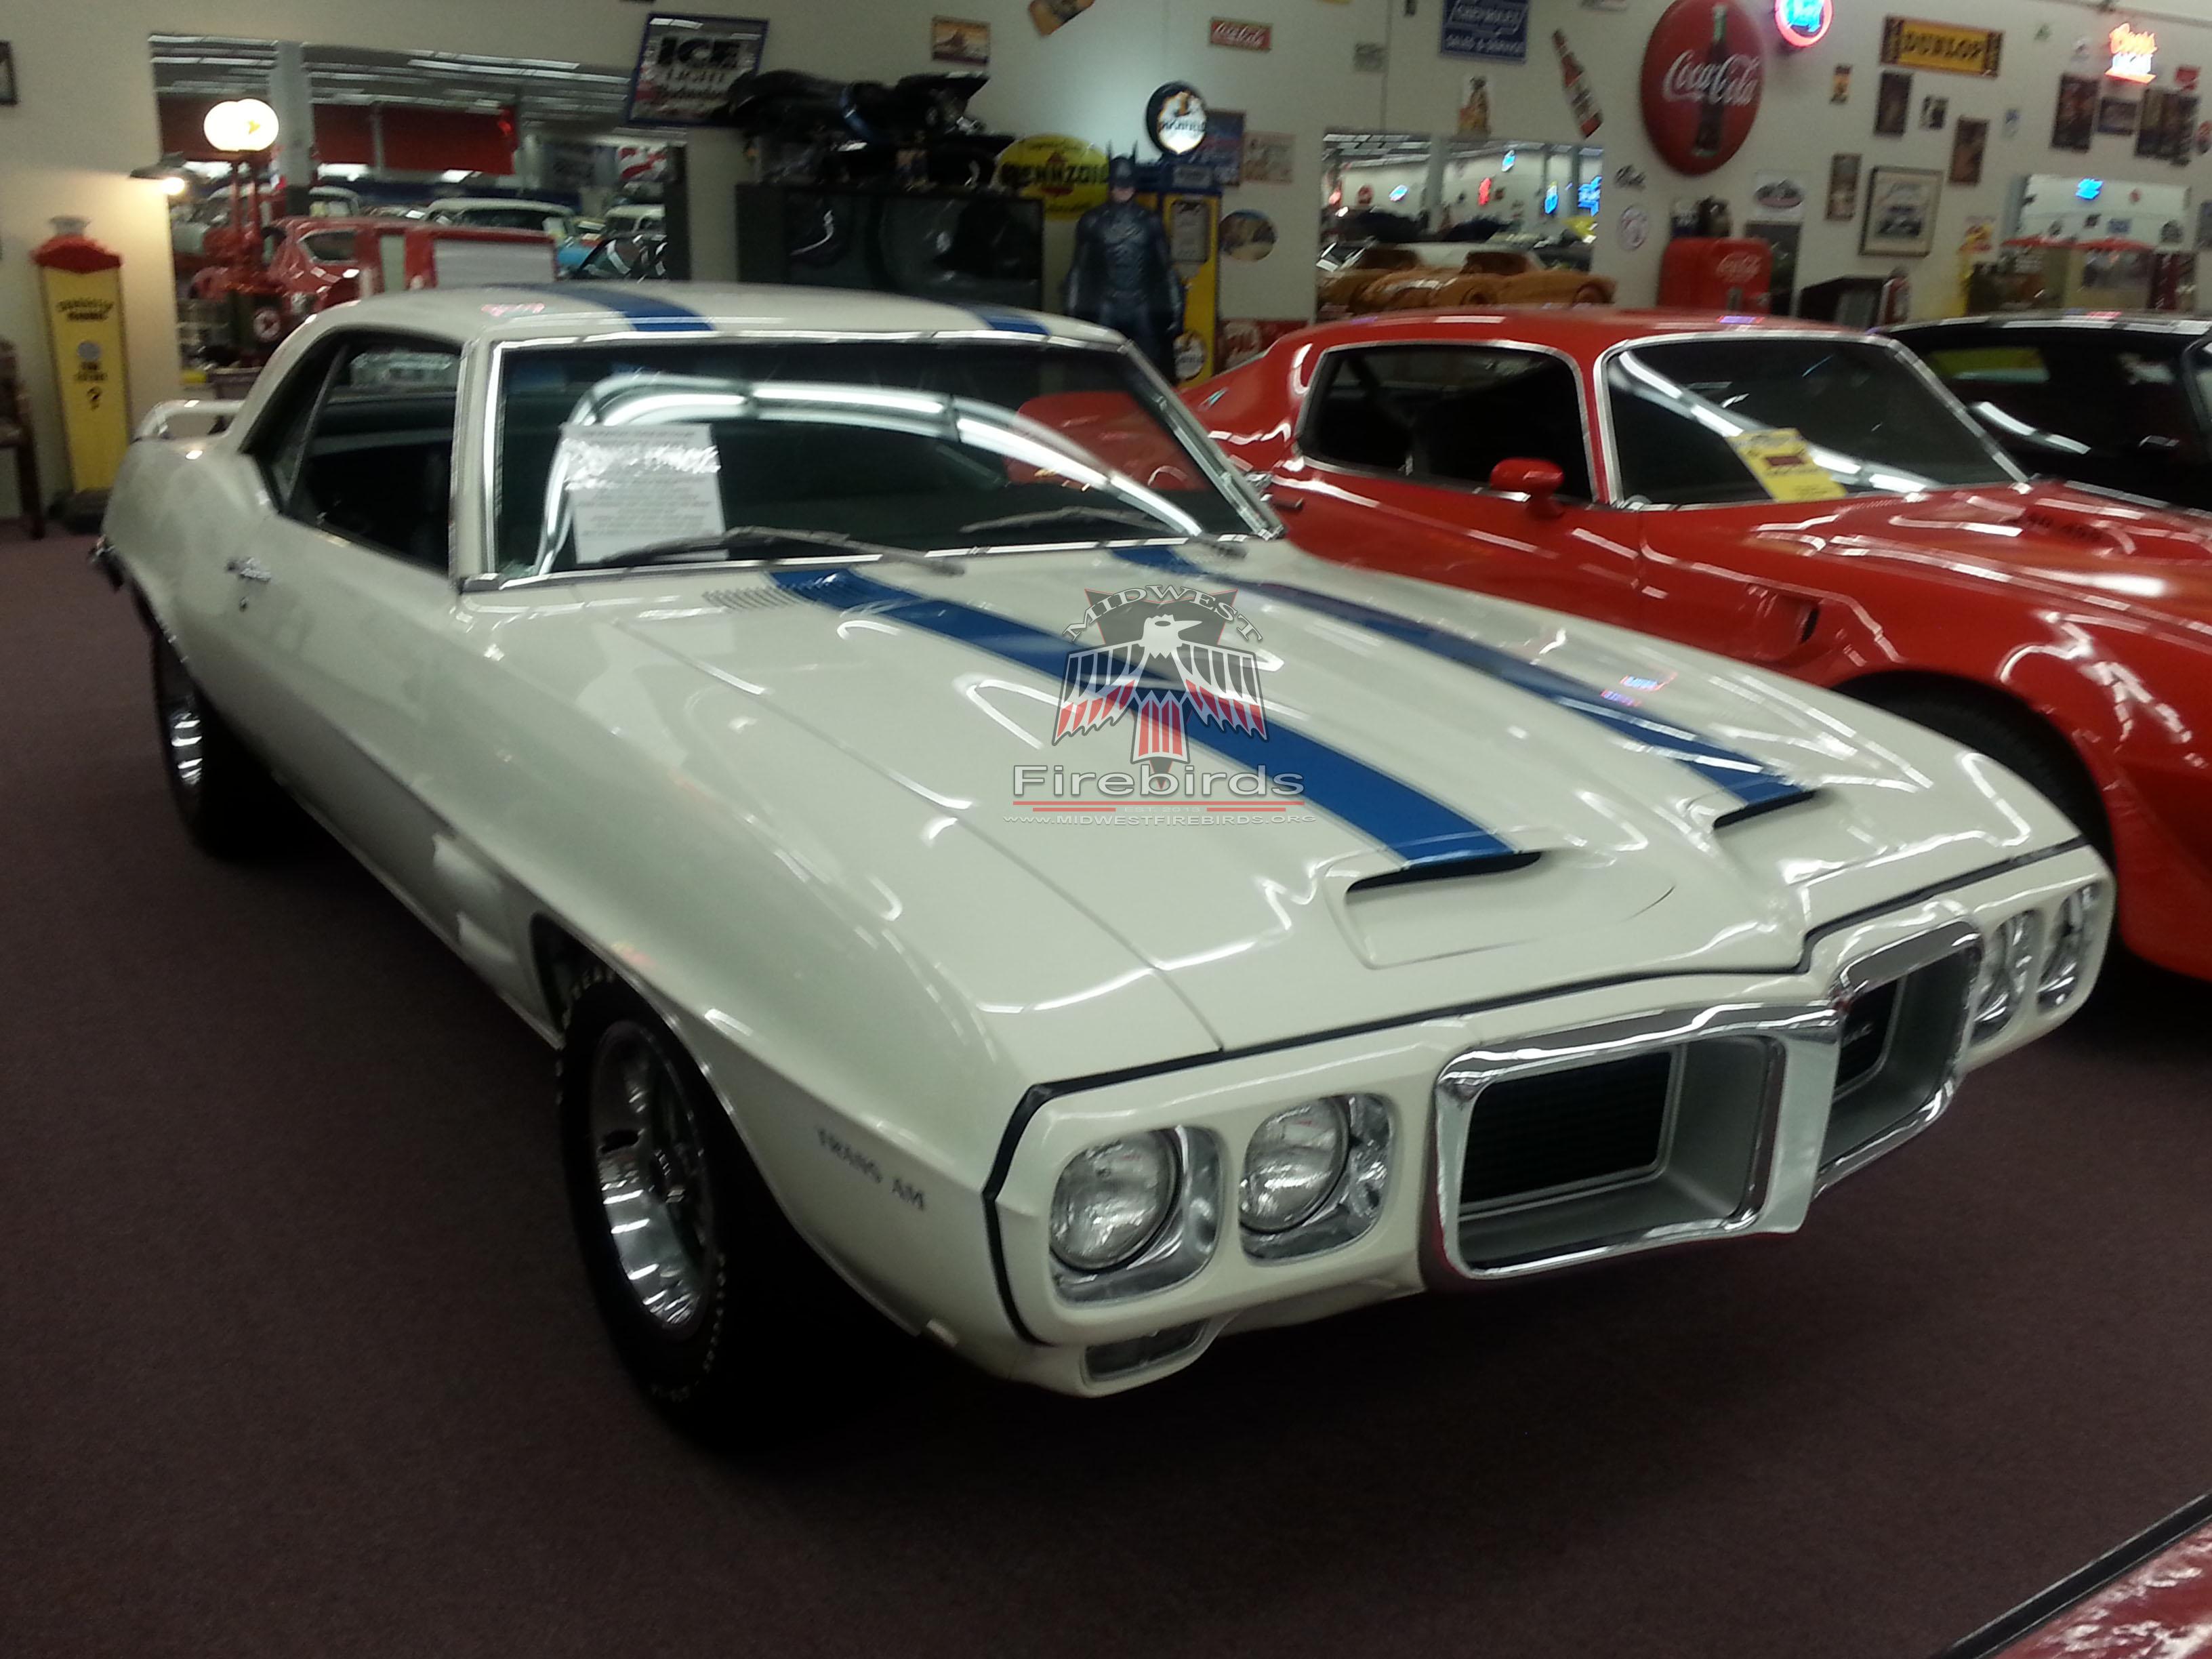 1969 Firebird Trans Am Muscle Car City Midwest Firebirds